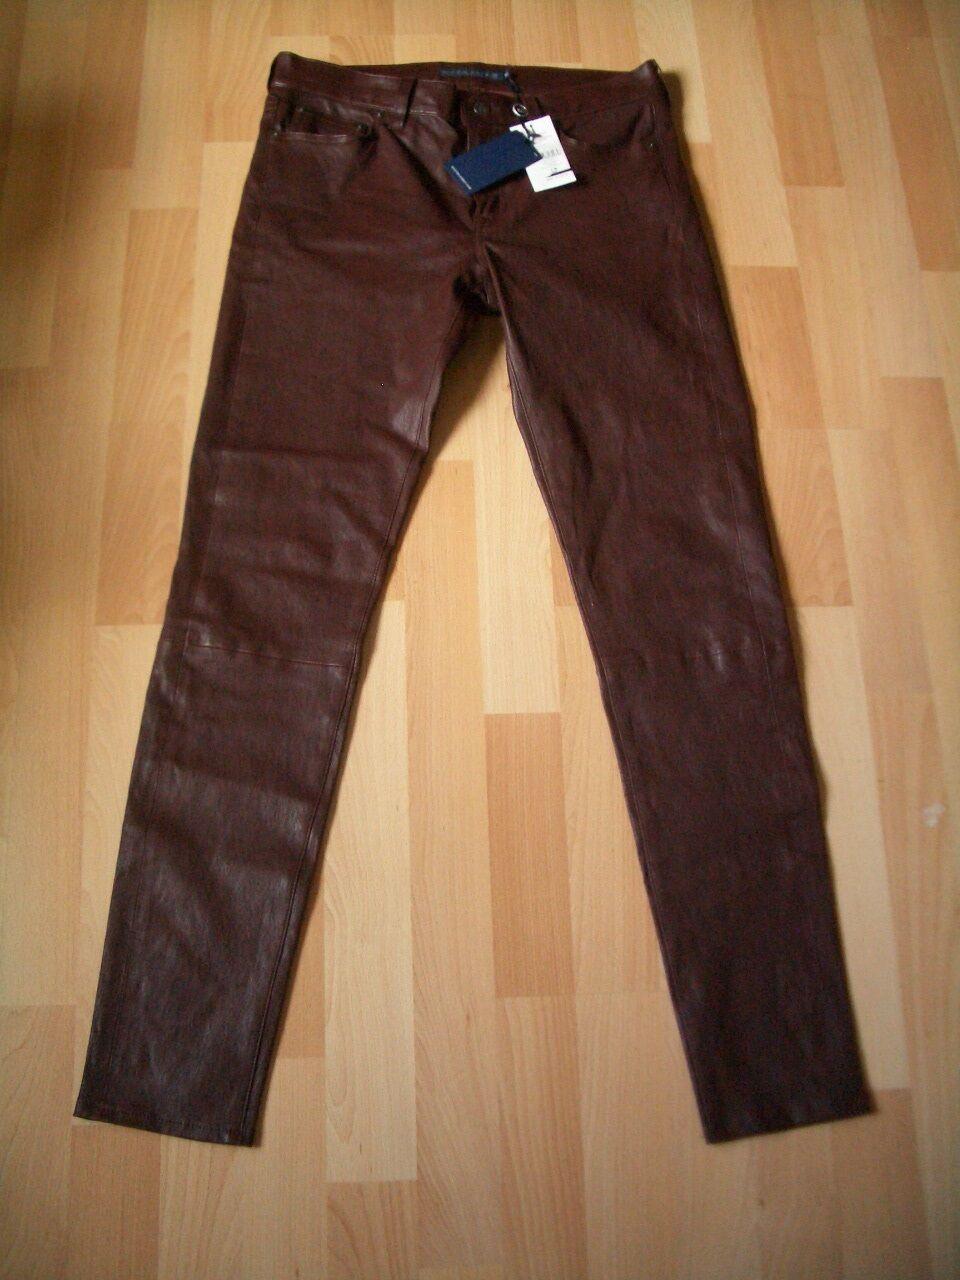 Ralph Lauren  Polo Merlot Cuero Bolsillo Jeans Talla 10 EE. UU. 5 14 púrpura oscuro  a precios asequibles